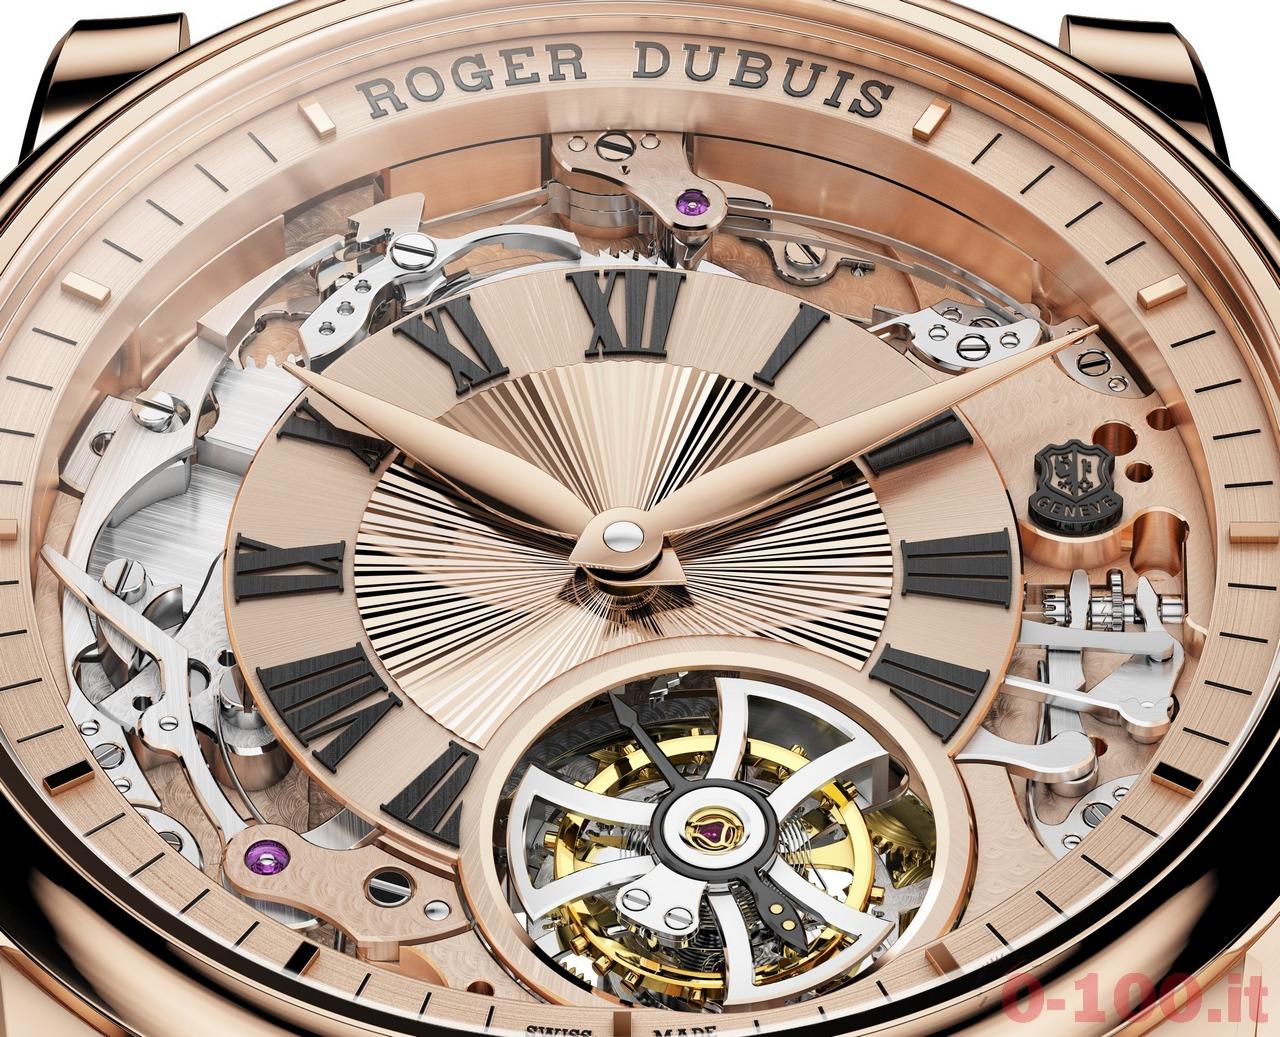 roger-dubuis-hommage-ripetizione-minuti-tourbillon-automatico-limited-edition-0-100_5